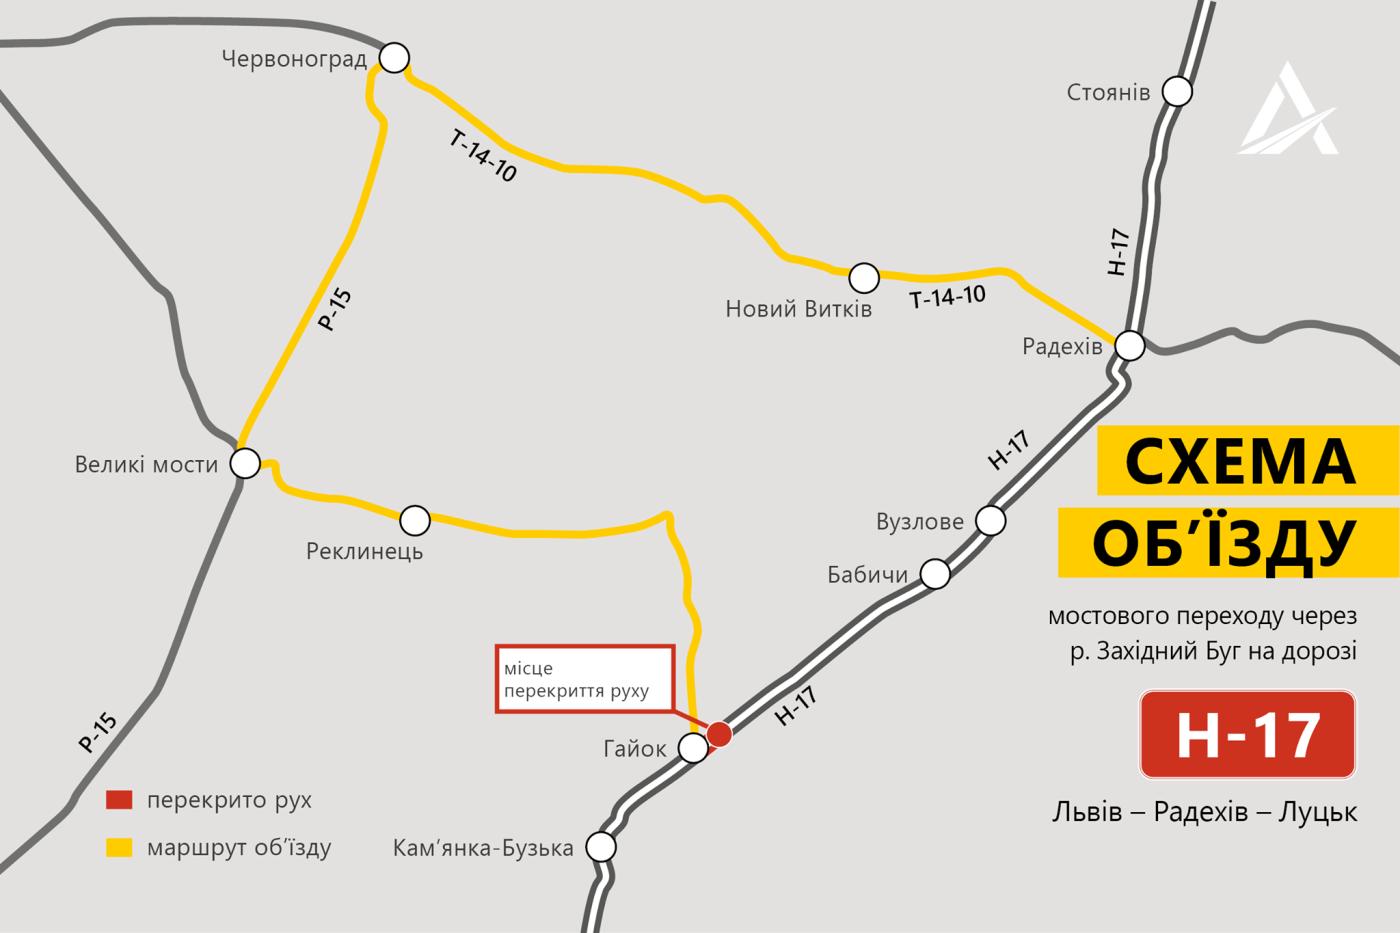 Схема об'їзду моста, Укравтодор